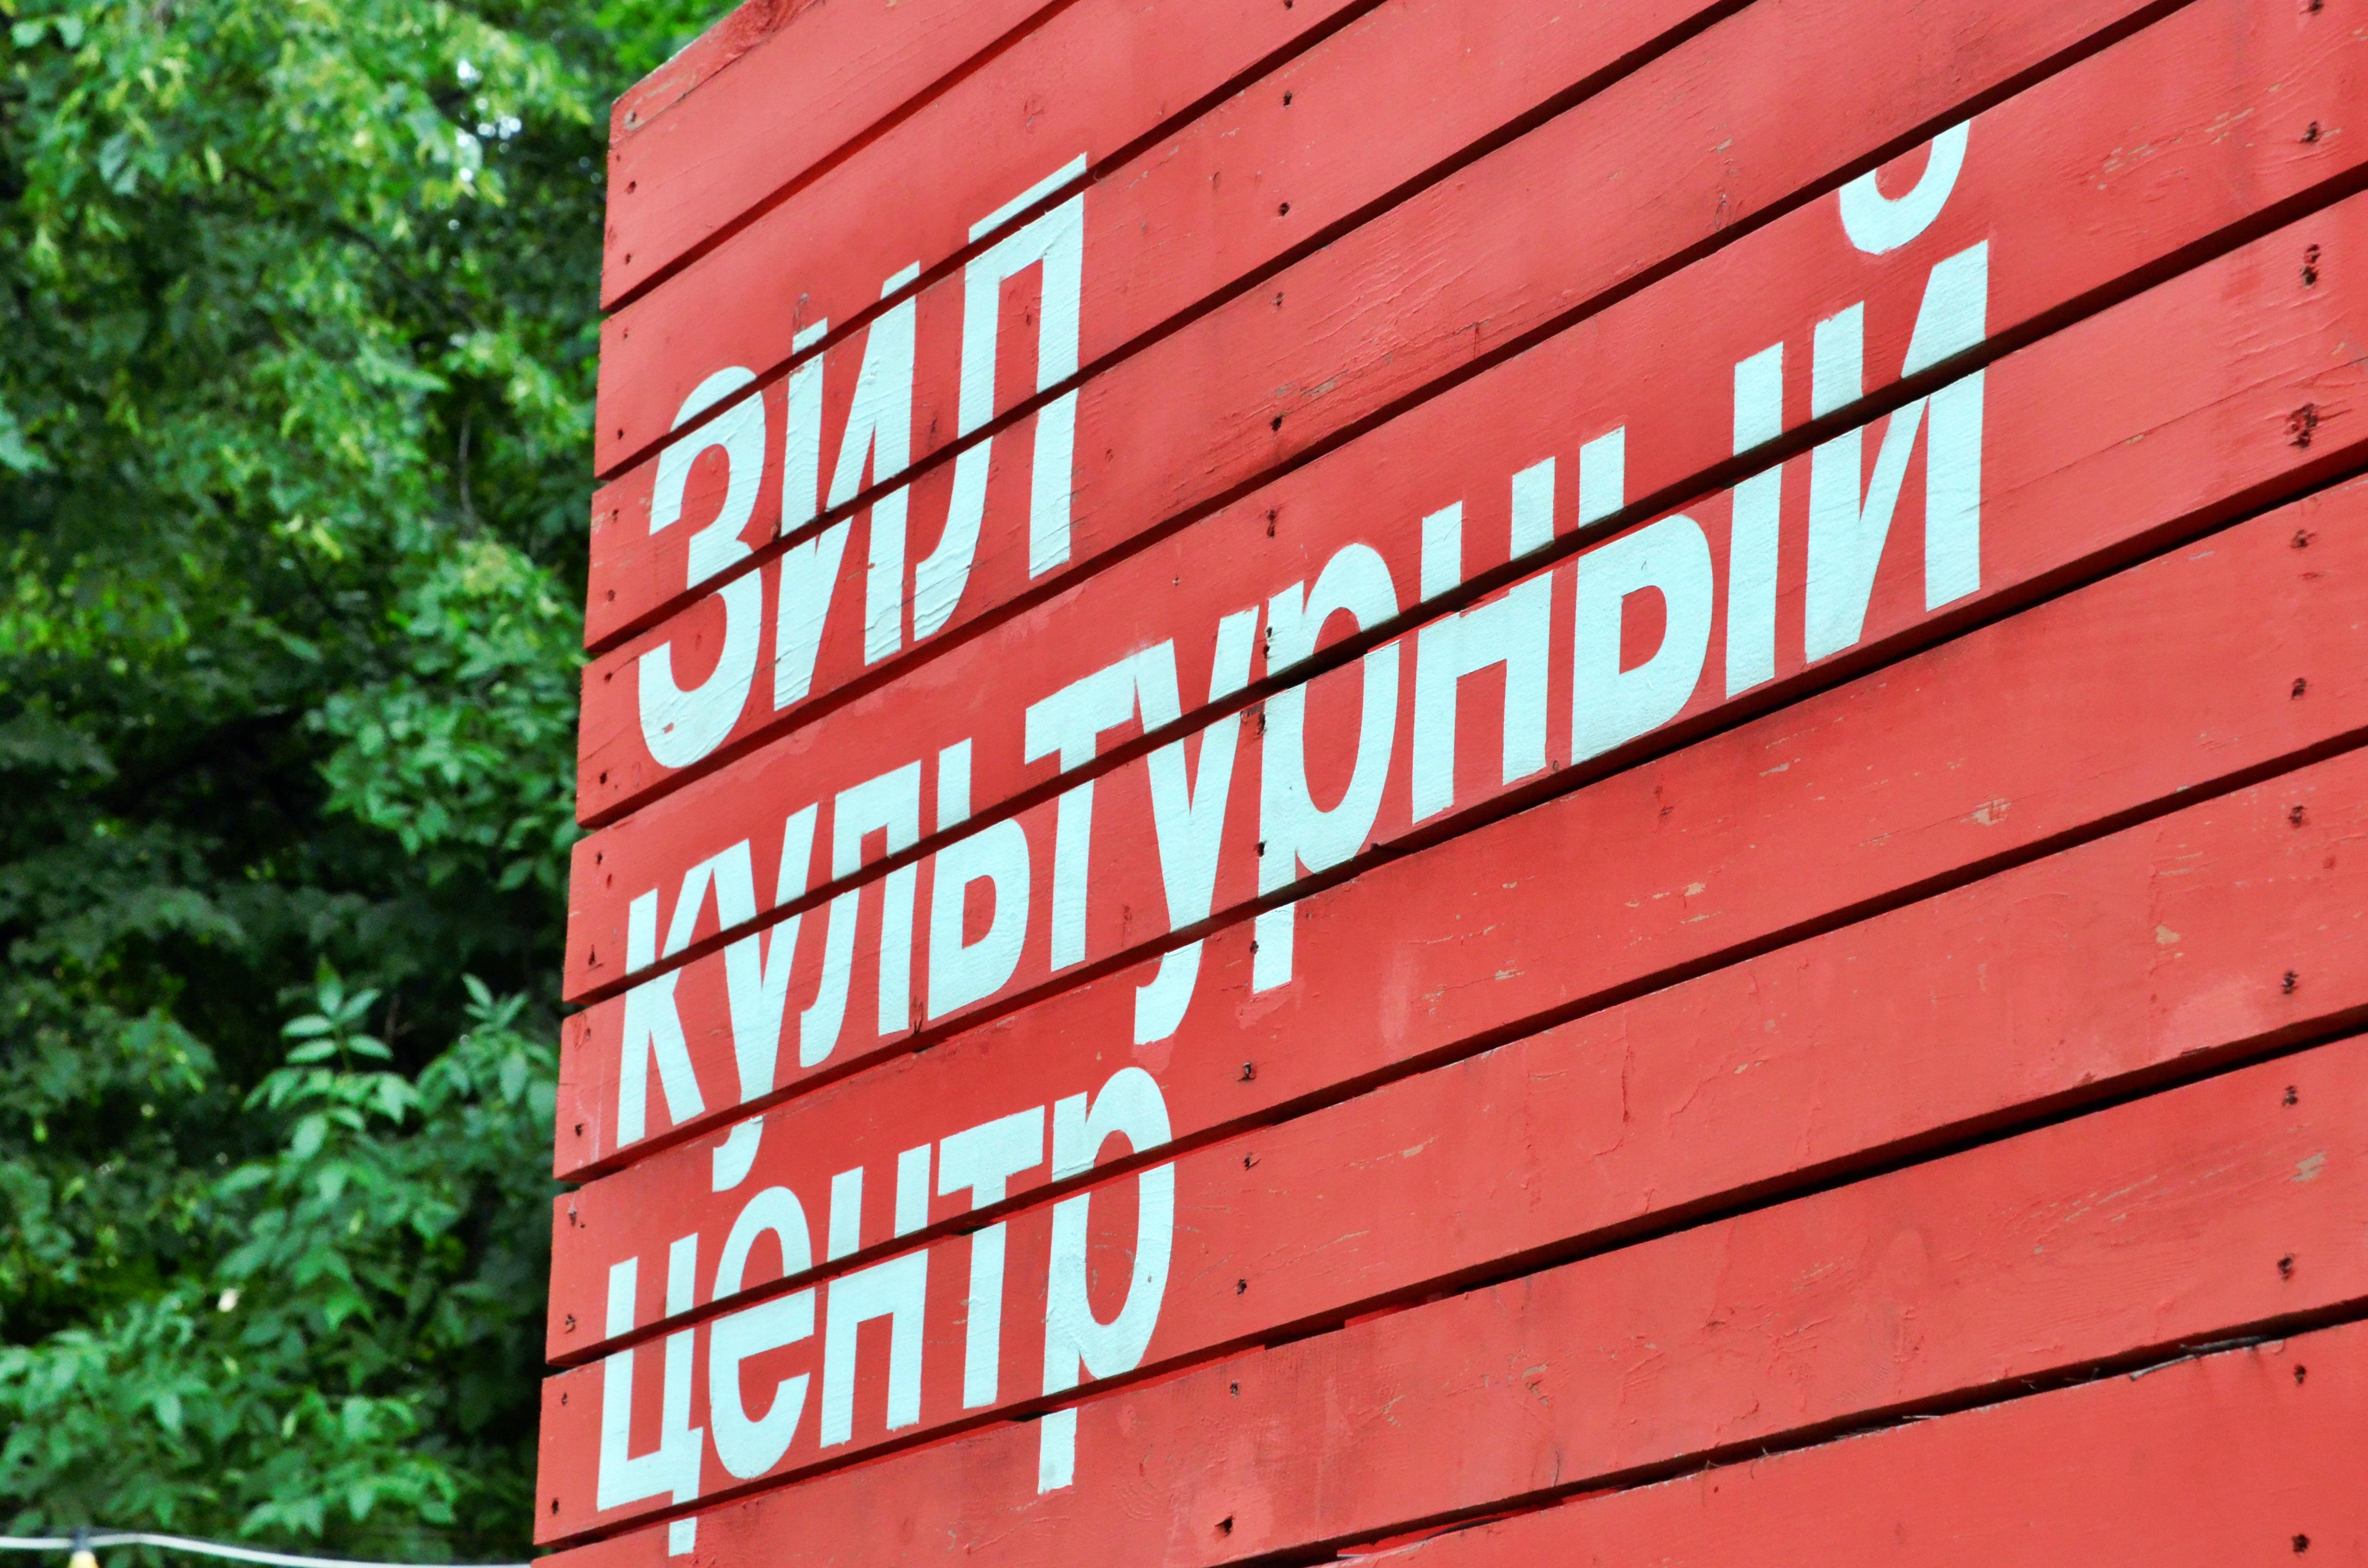 Лабораторию непослушания откроют в Культурном центре ЗИЛ